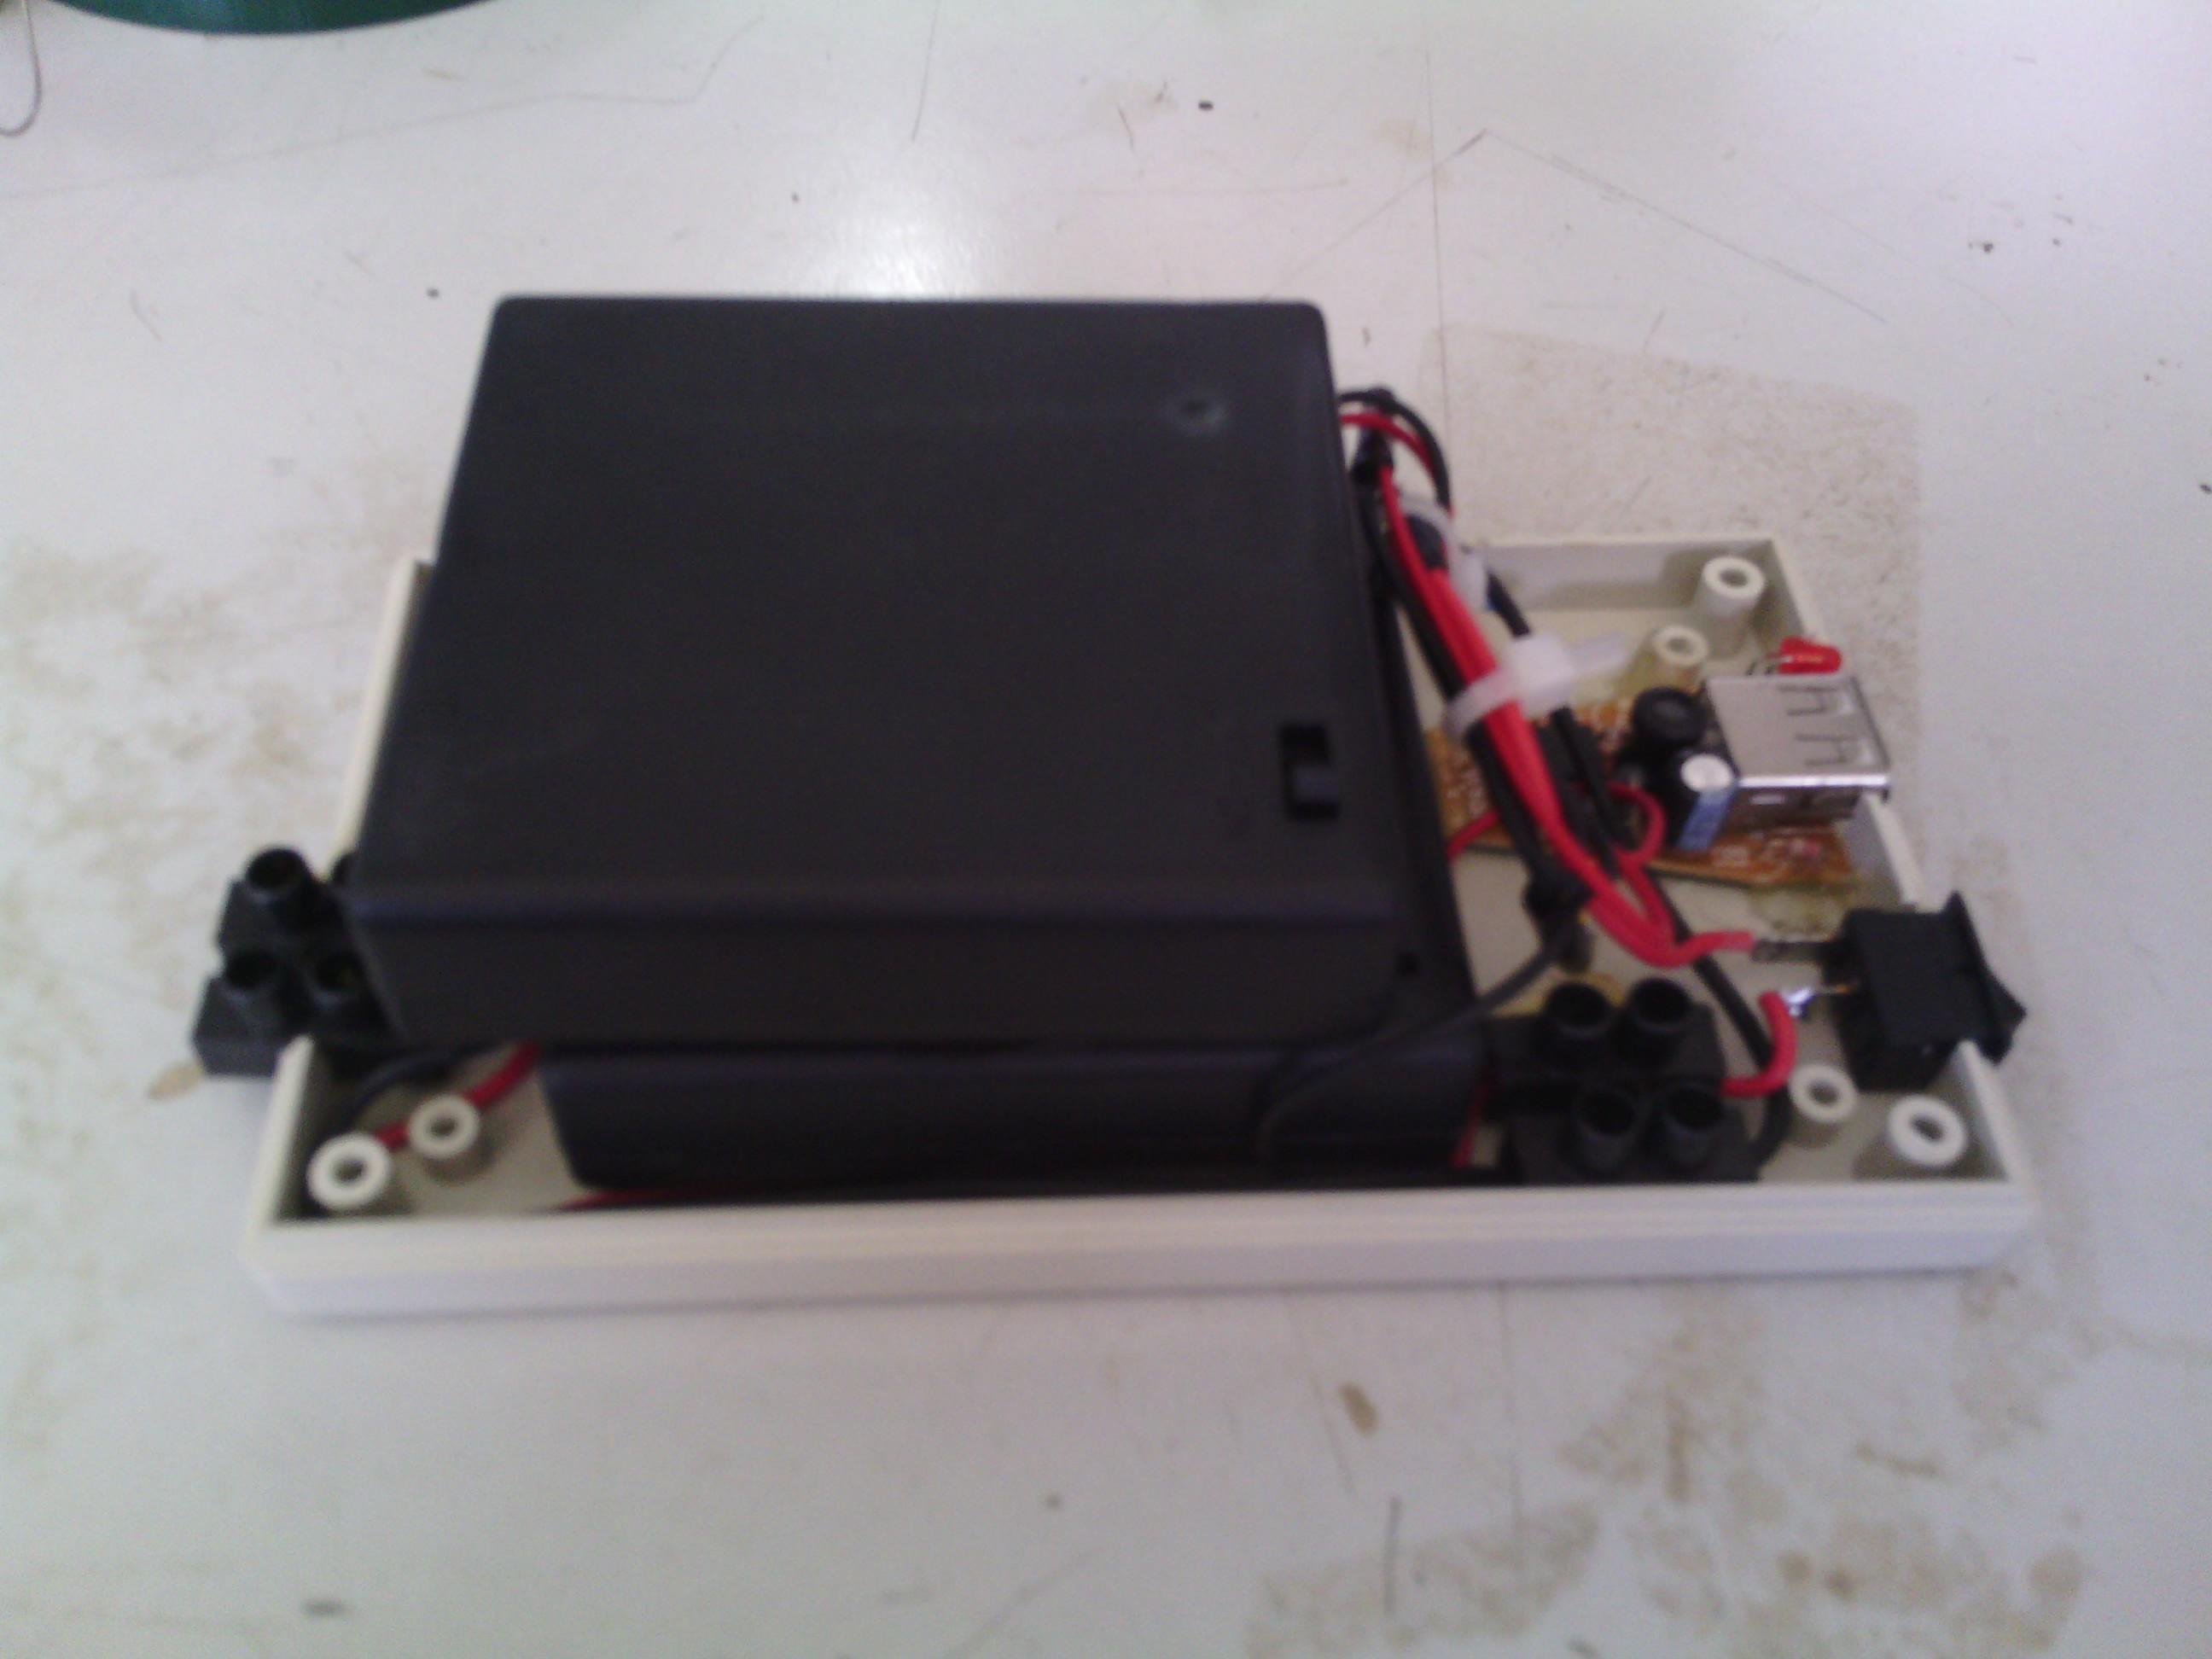 Membuat Power Bank sendiri untuk mengisi battery Hp